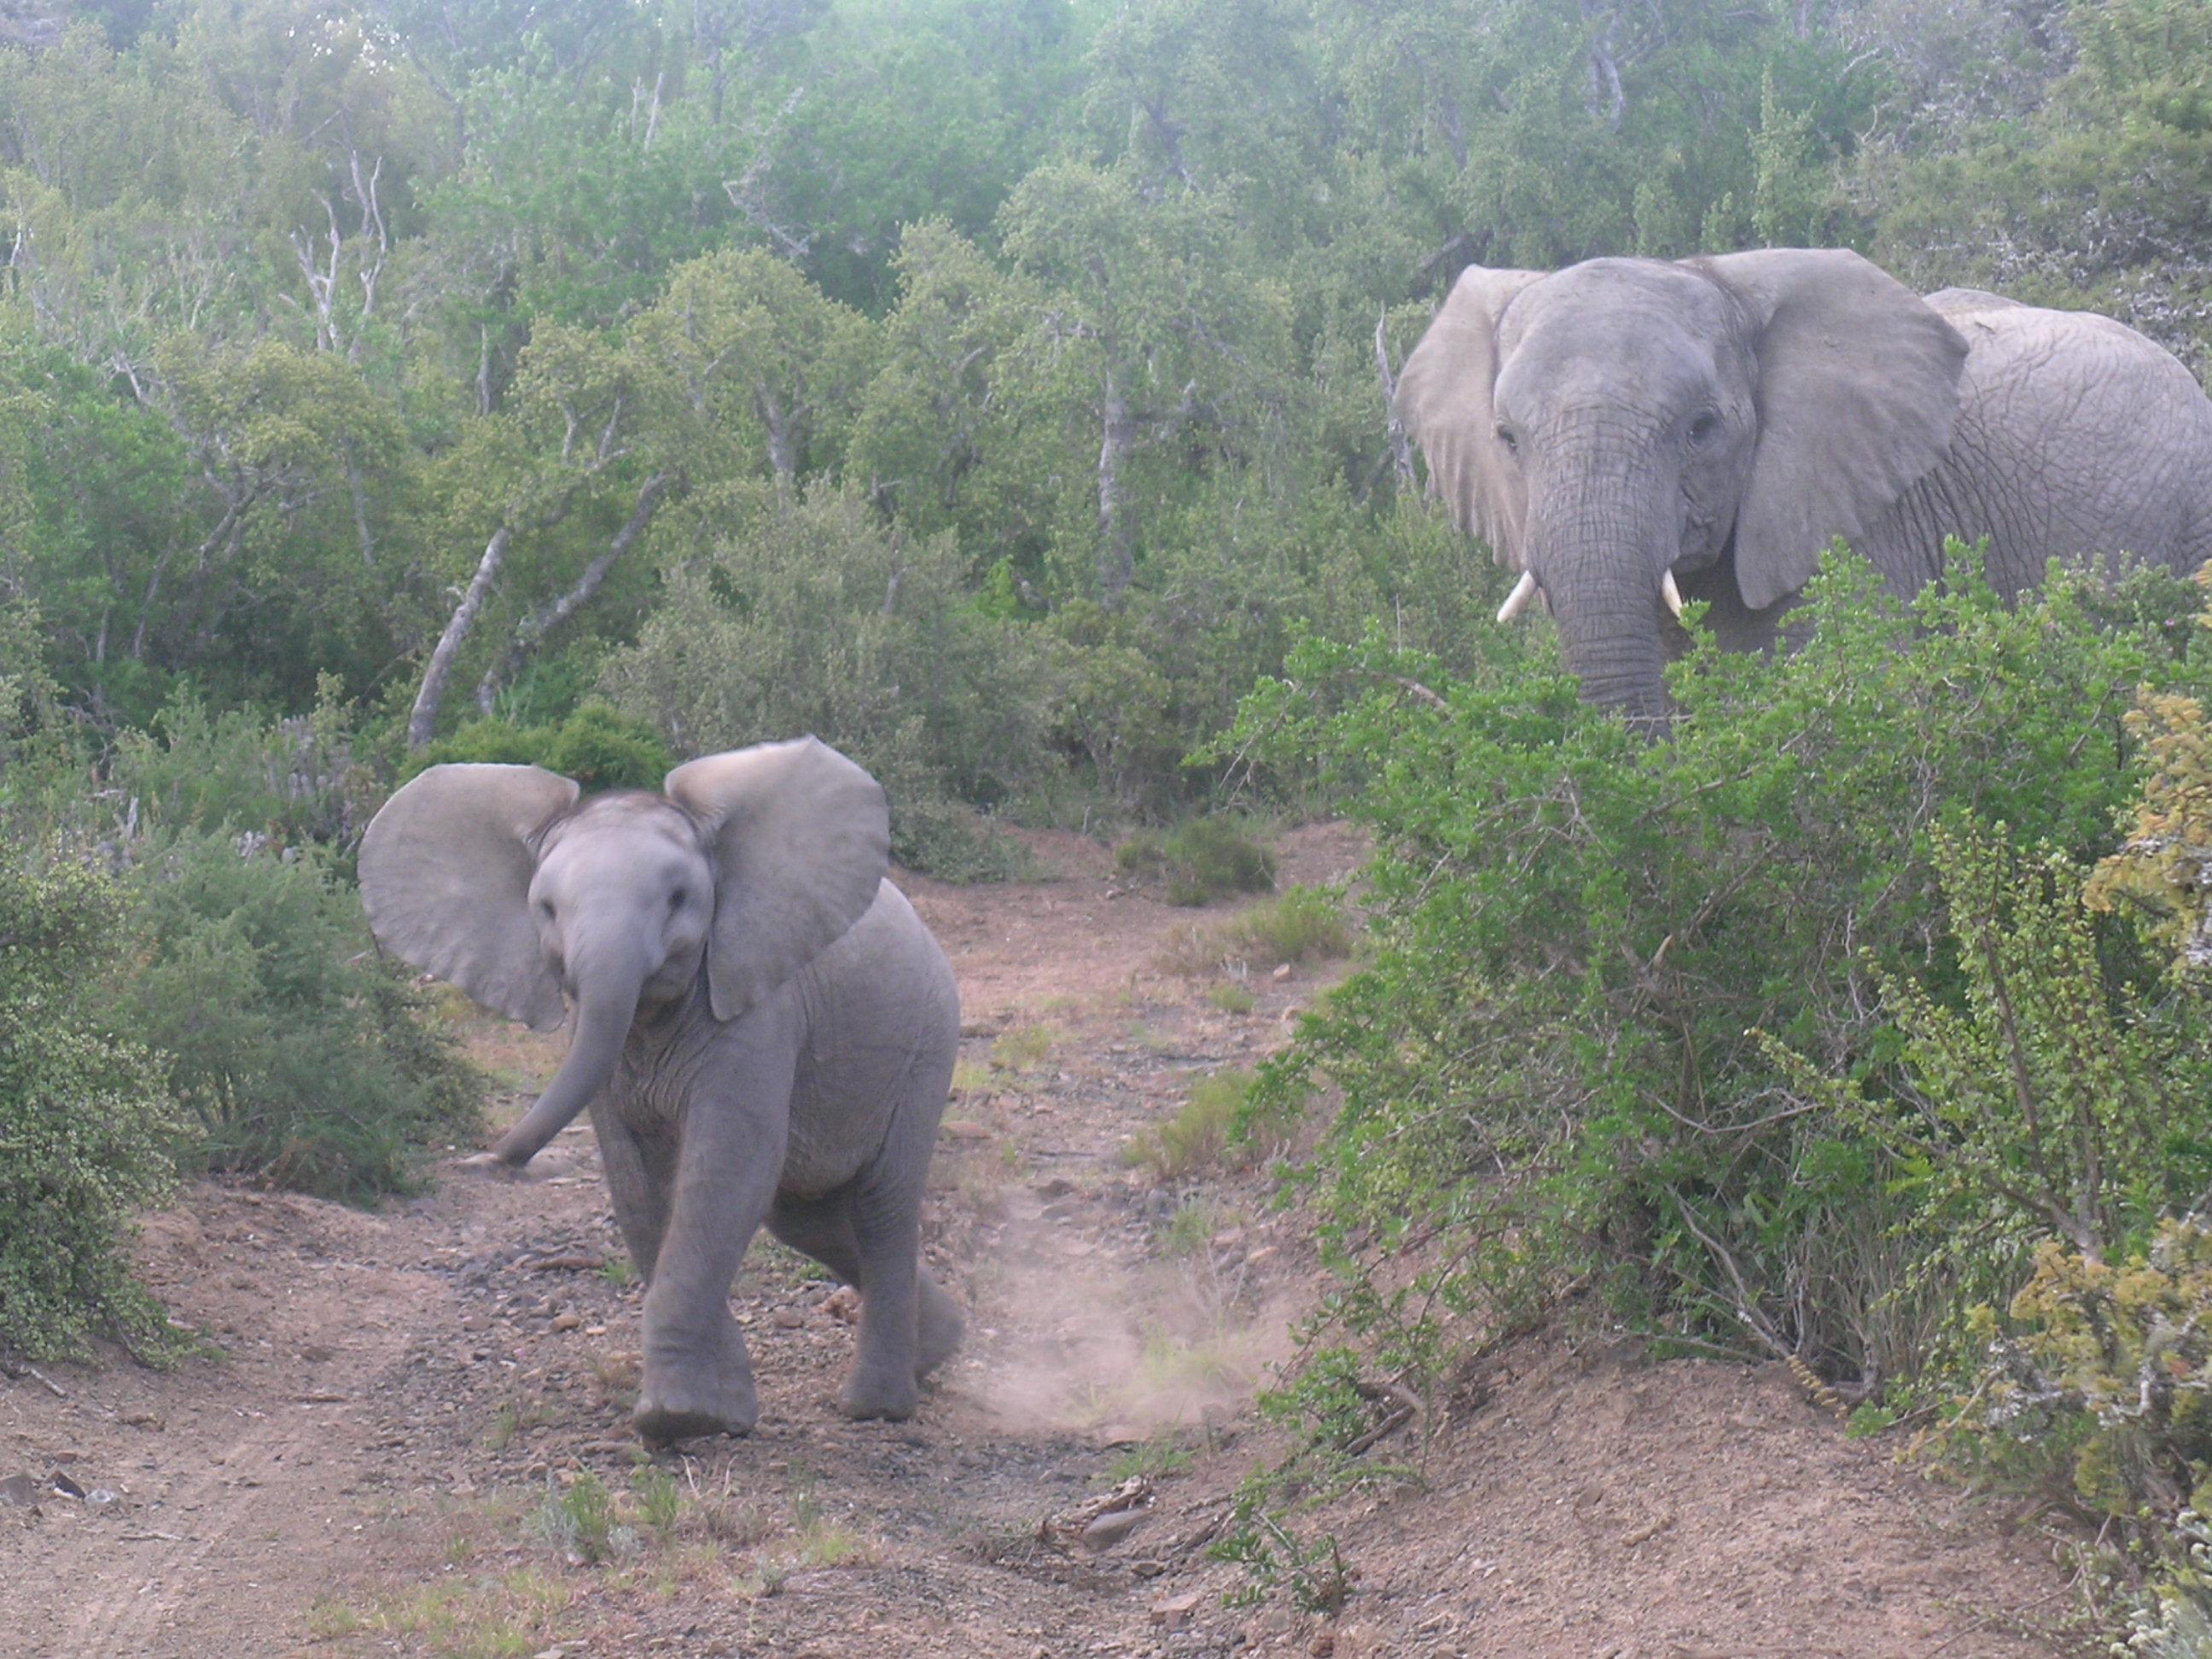 Un elephant surveille sous petit qui avance joyeusement vers l'objectif de l'appareil